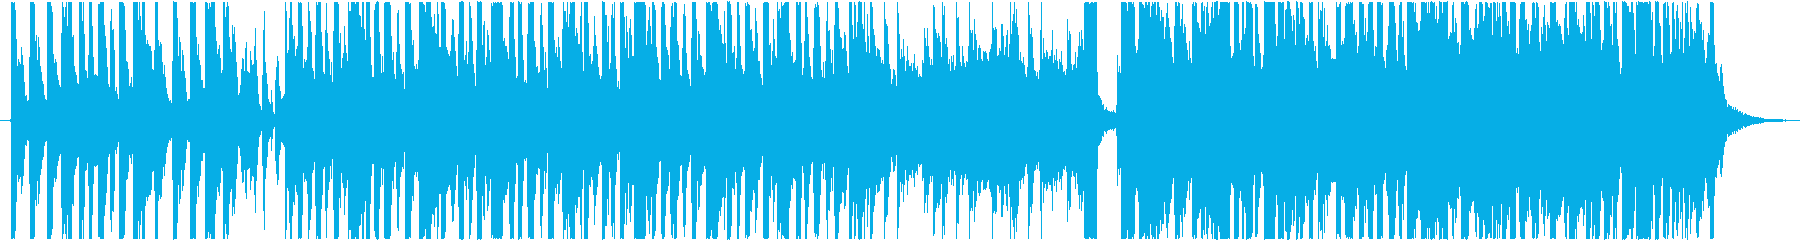 ハロウィンテーマ(ビッグバンド風)の再生済みの波形